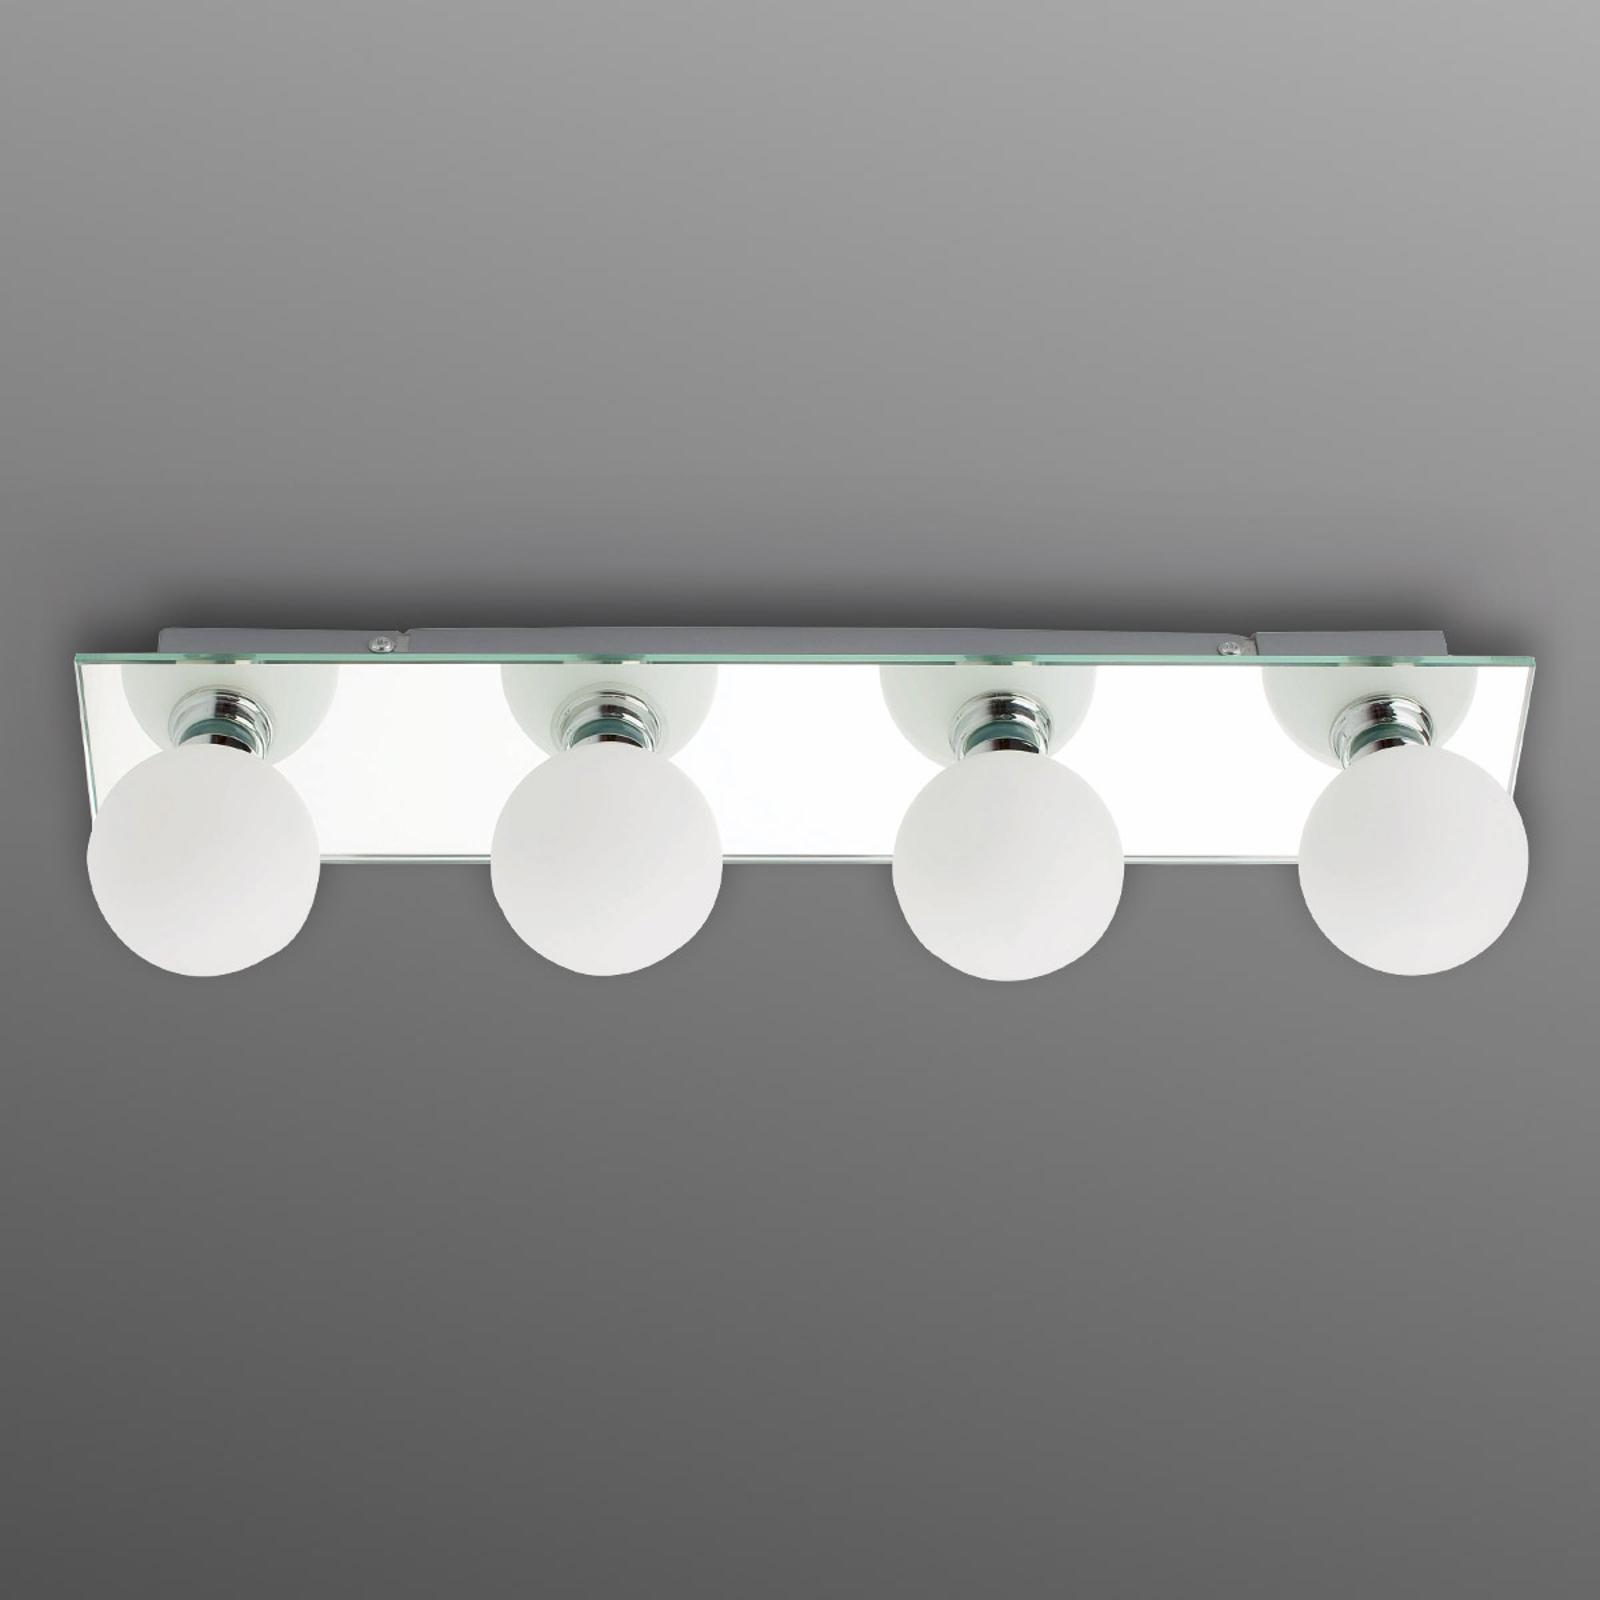 Koupelnové stropní světlo LASS, 4 žárovky